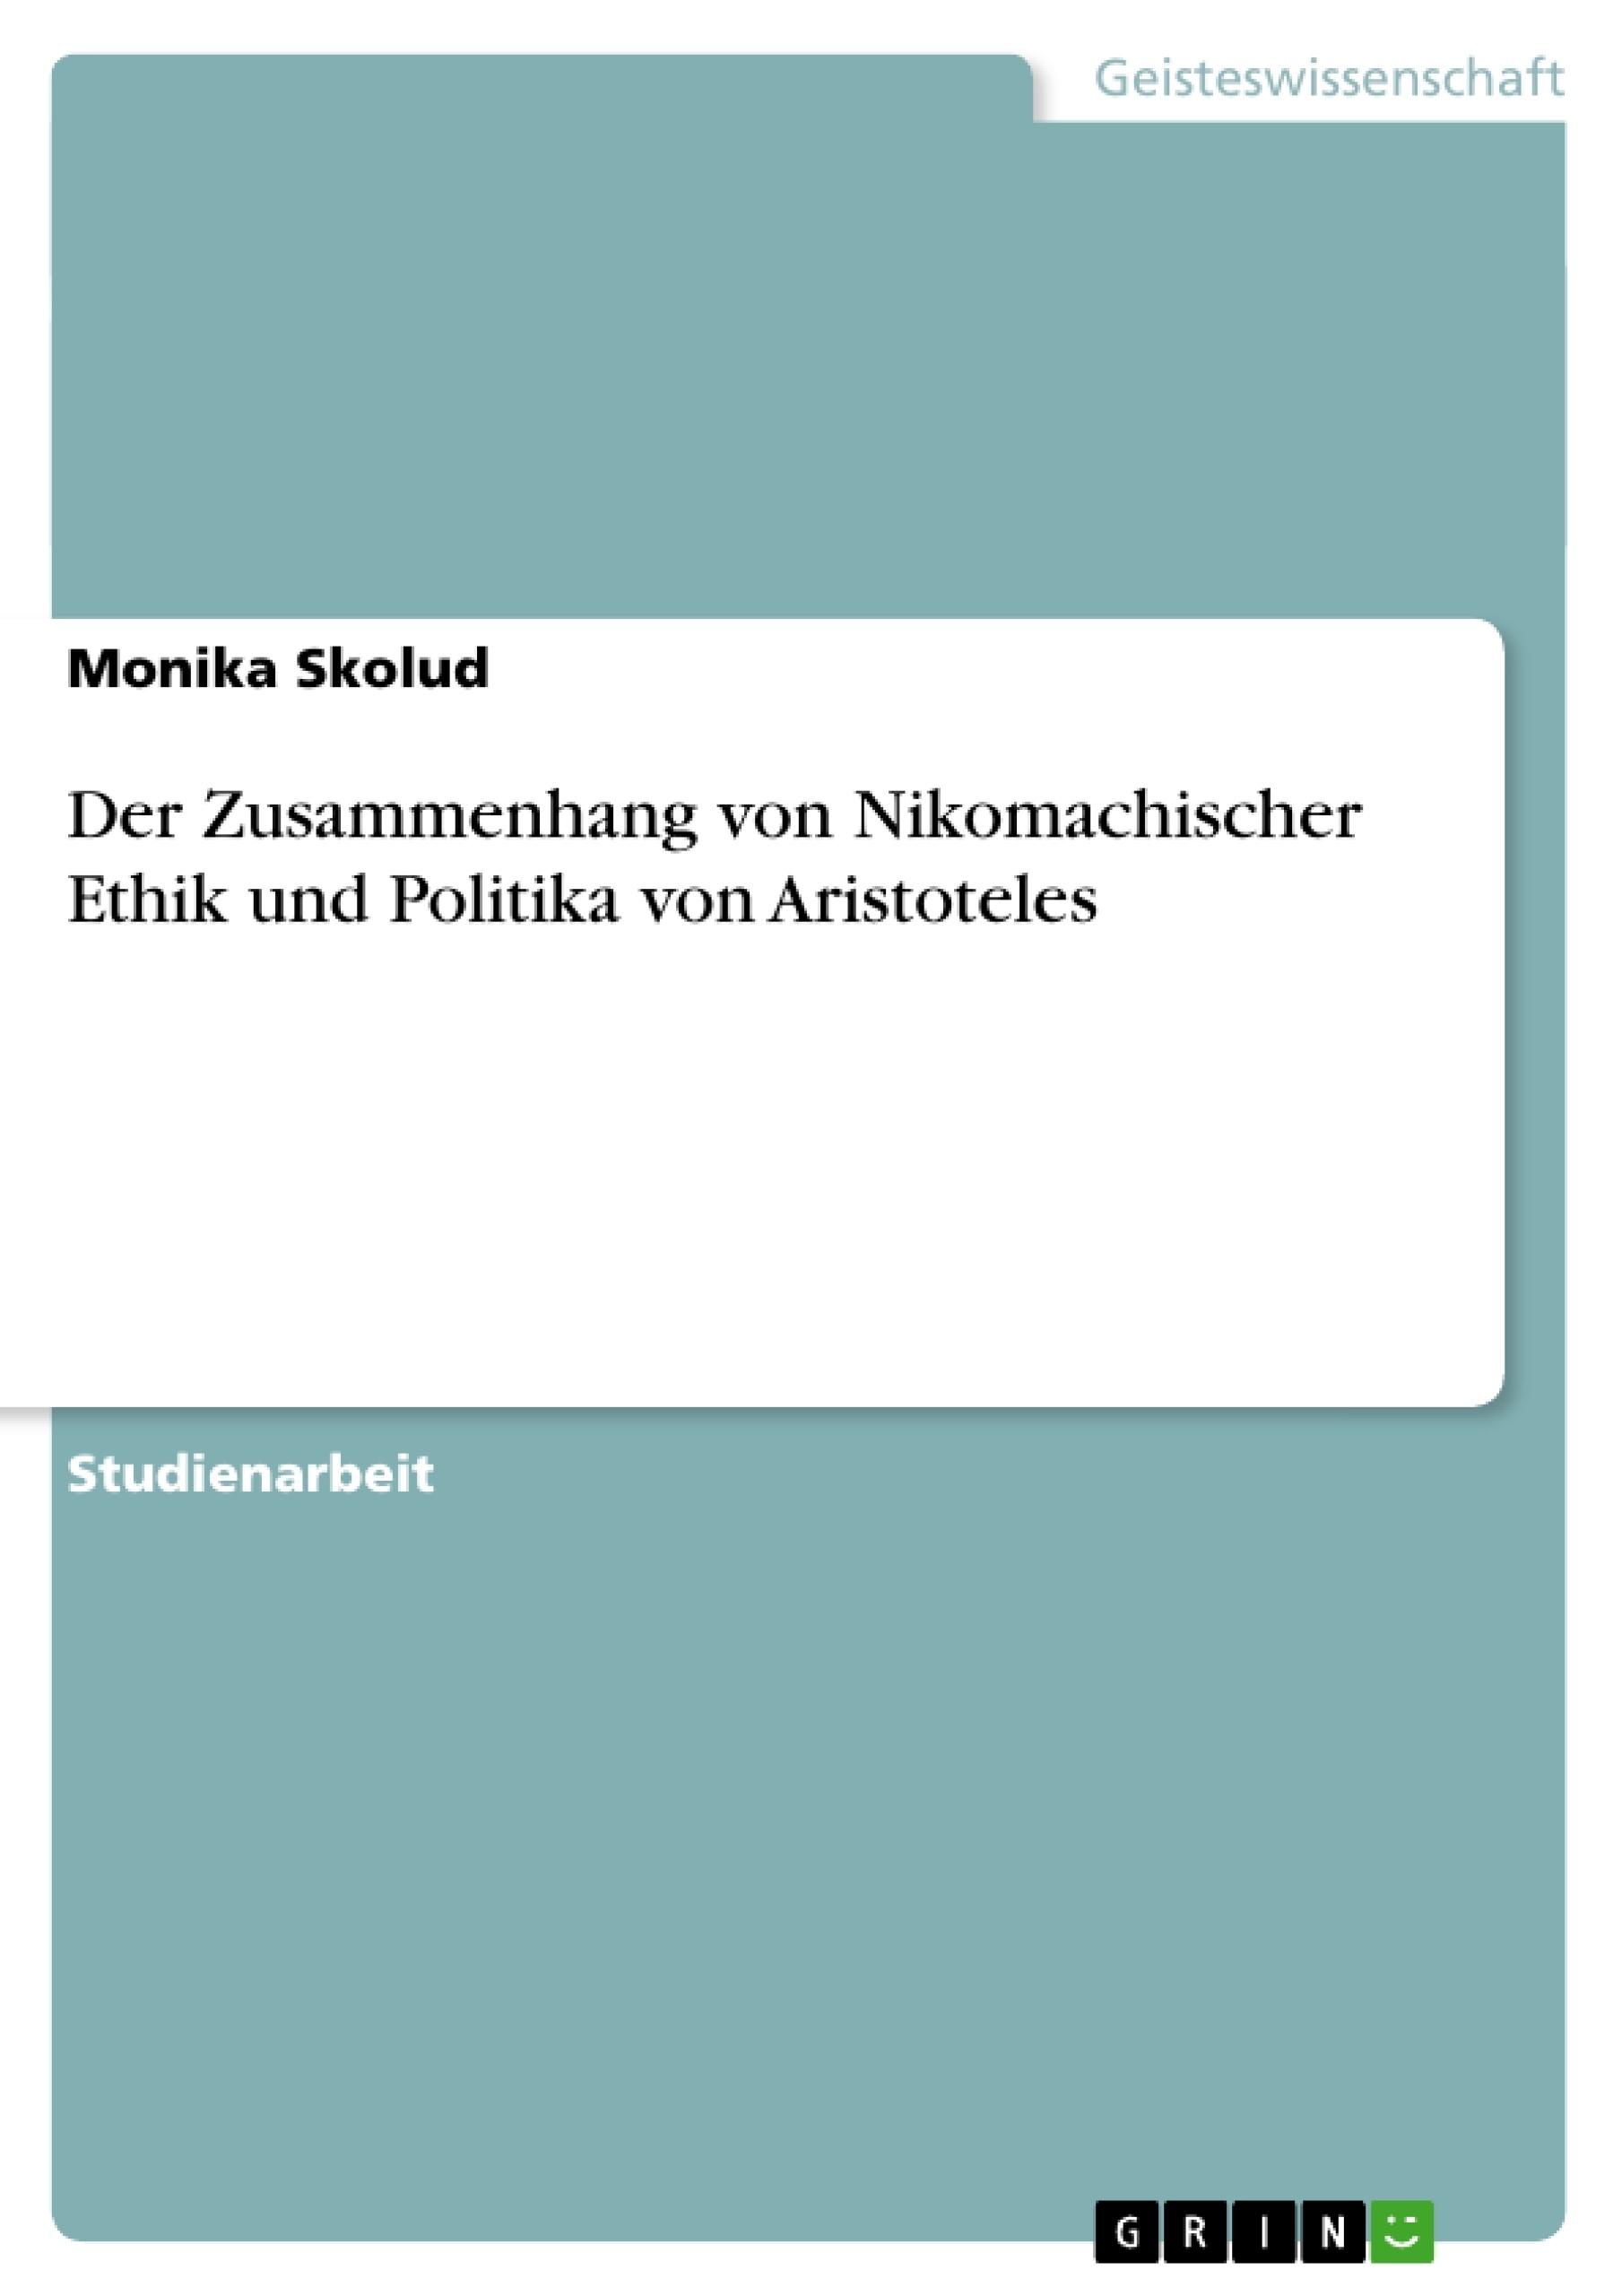 Titel: Der Zusammenhang von Nikomachischer Ethik und Politika von Aristoteles